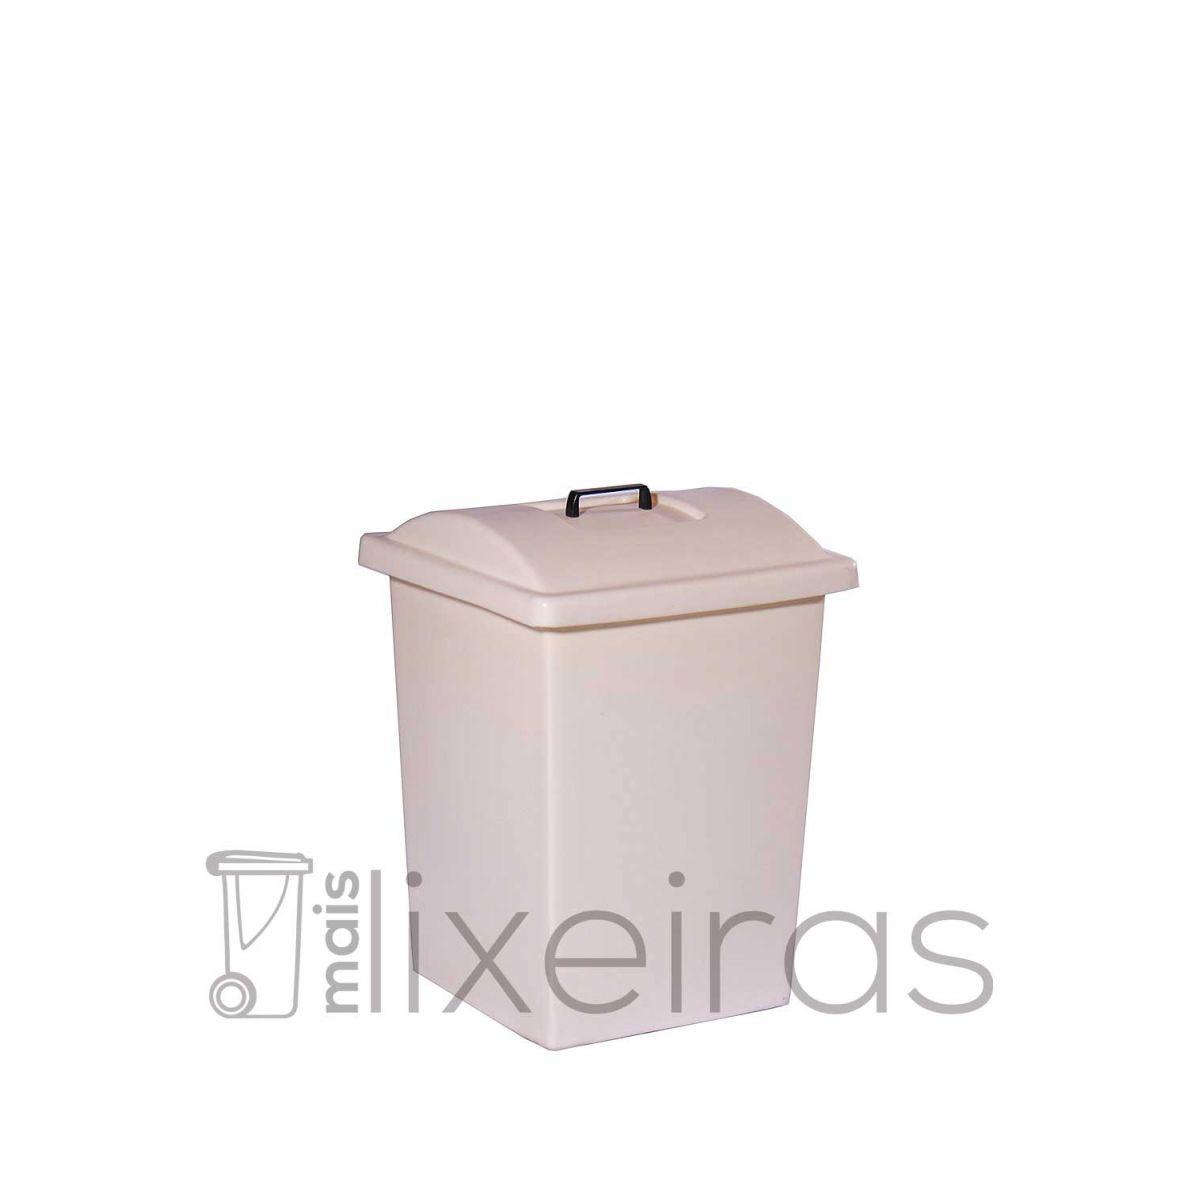 Lixeira plástica reforçada com tampa sobreposta - 40 litros